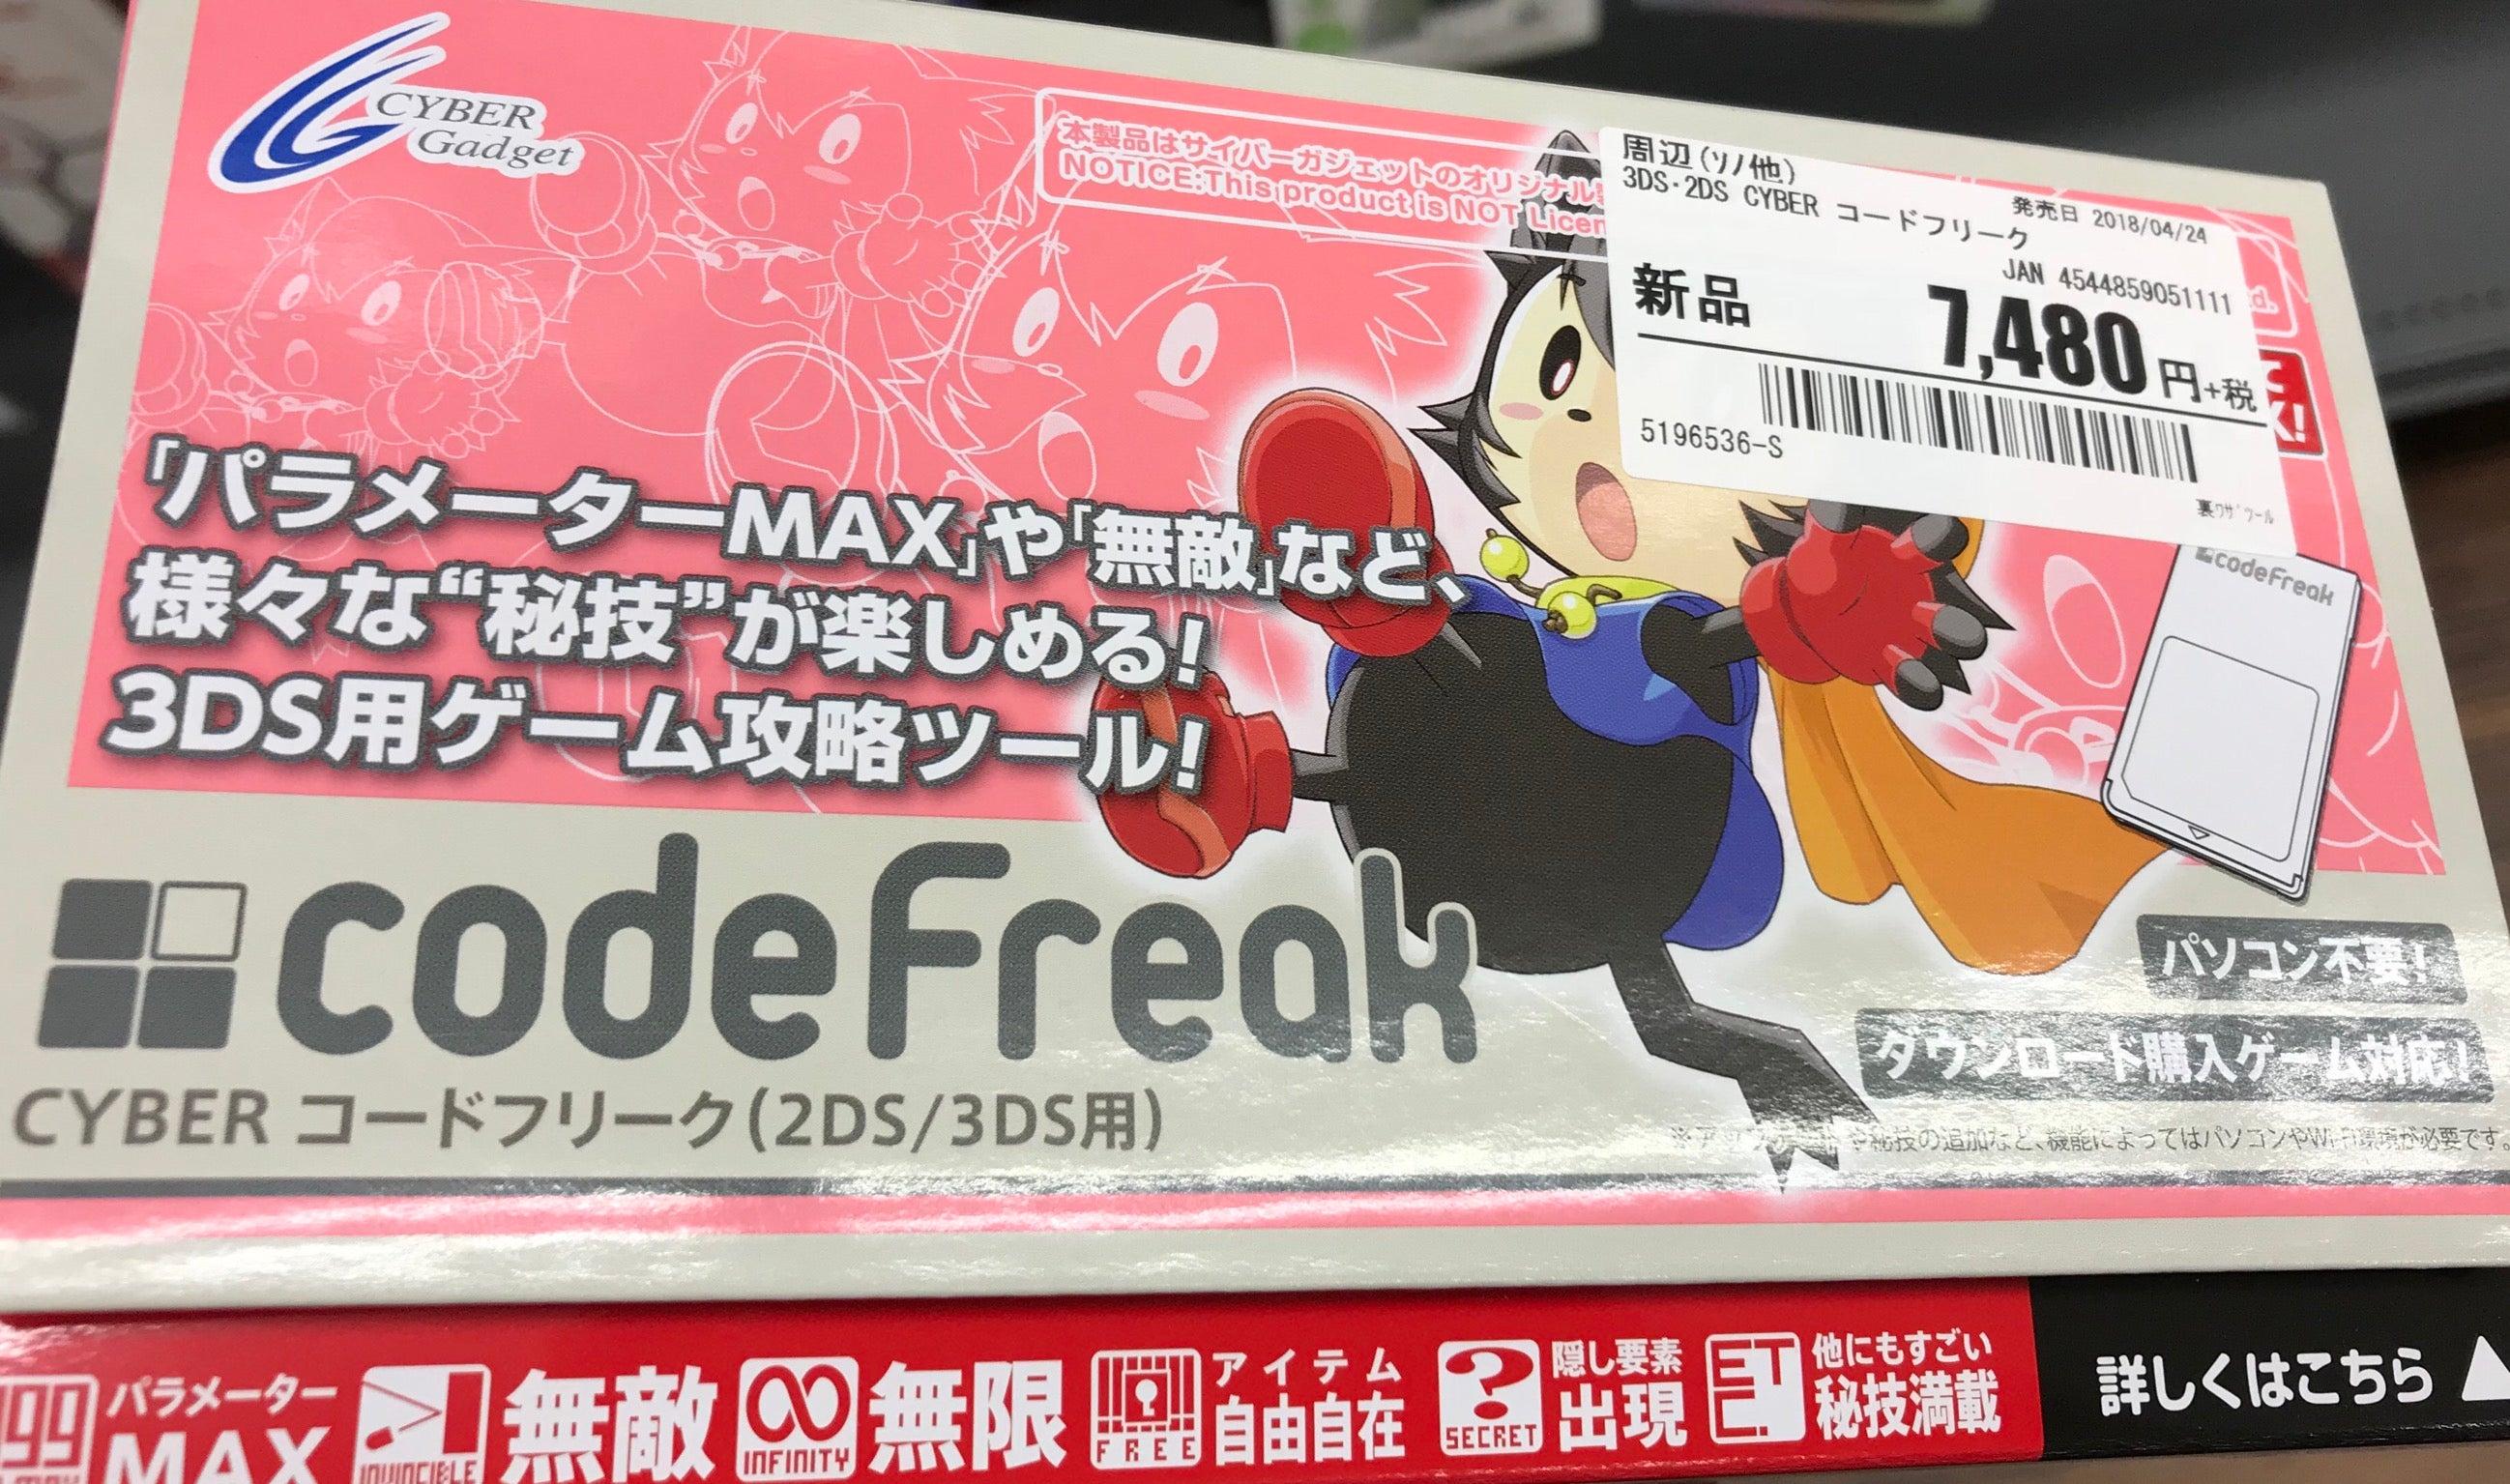 コード フリーク 3ds 秘技 コード 追加